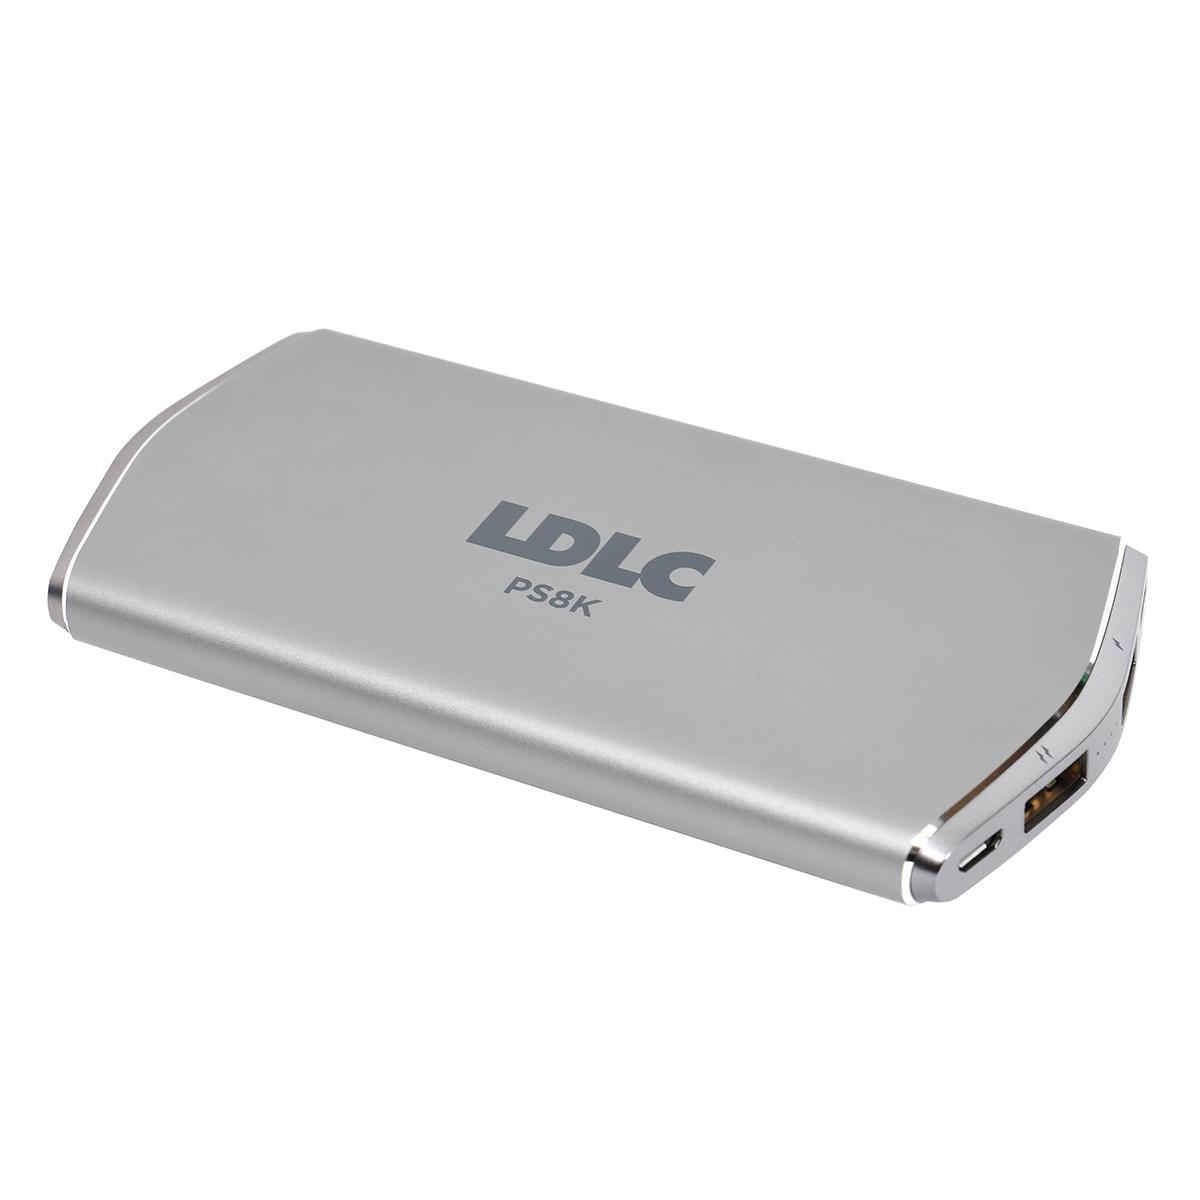 Batterie téléphone LDLC Power Bank PS8K Batterie externe Lithium-Polymère 8000 mAh